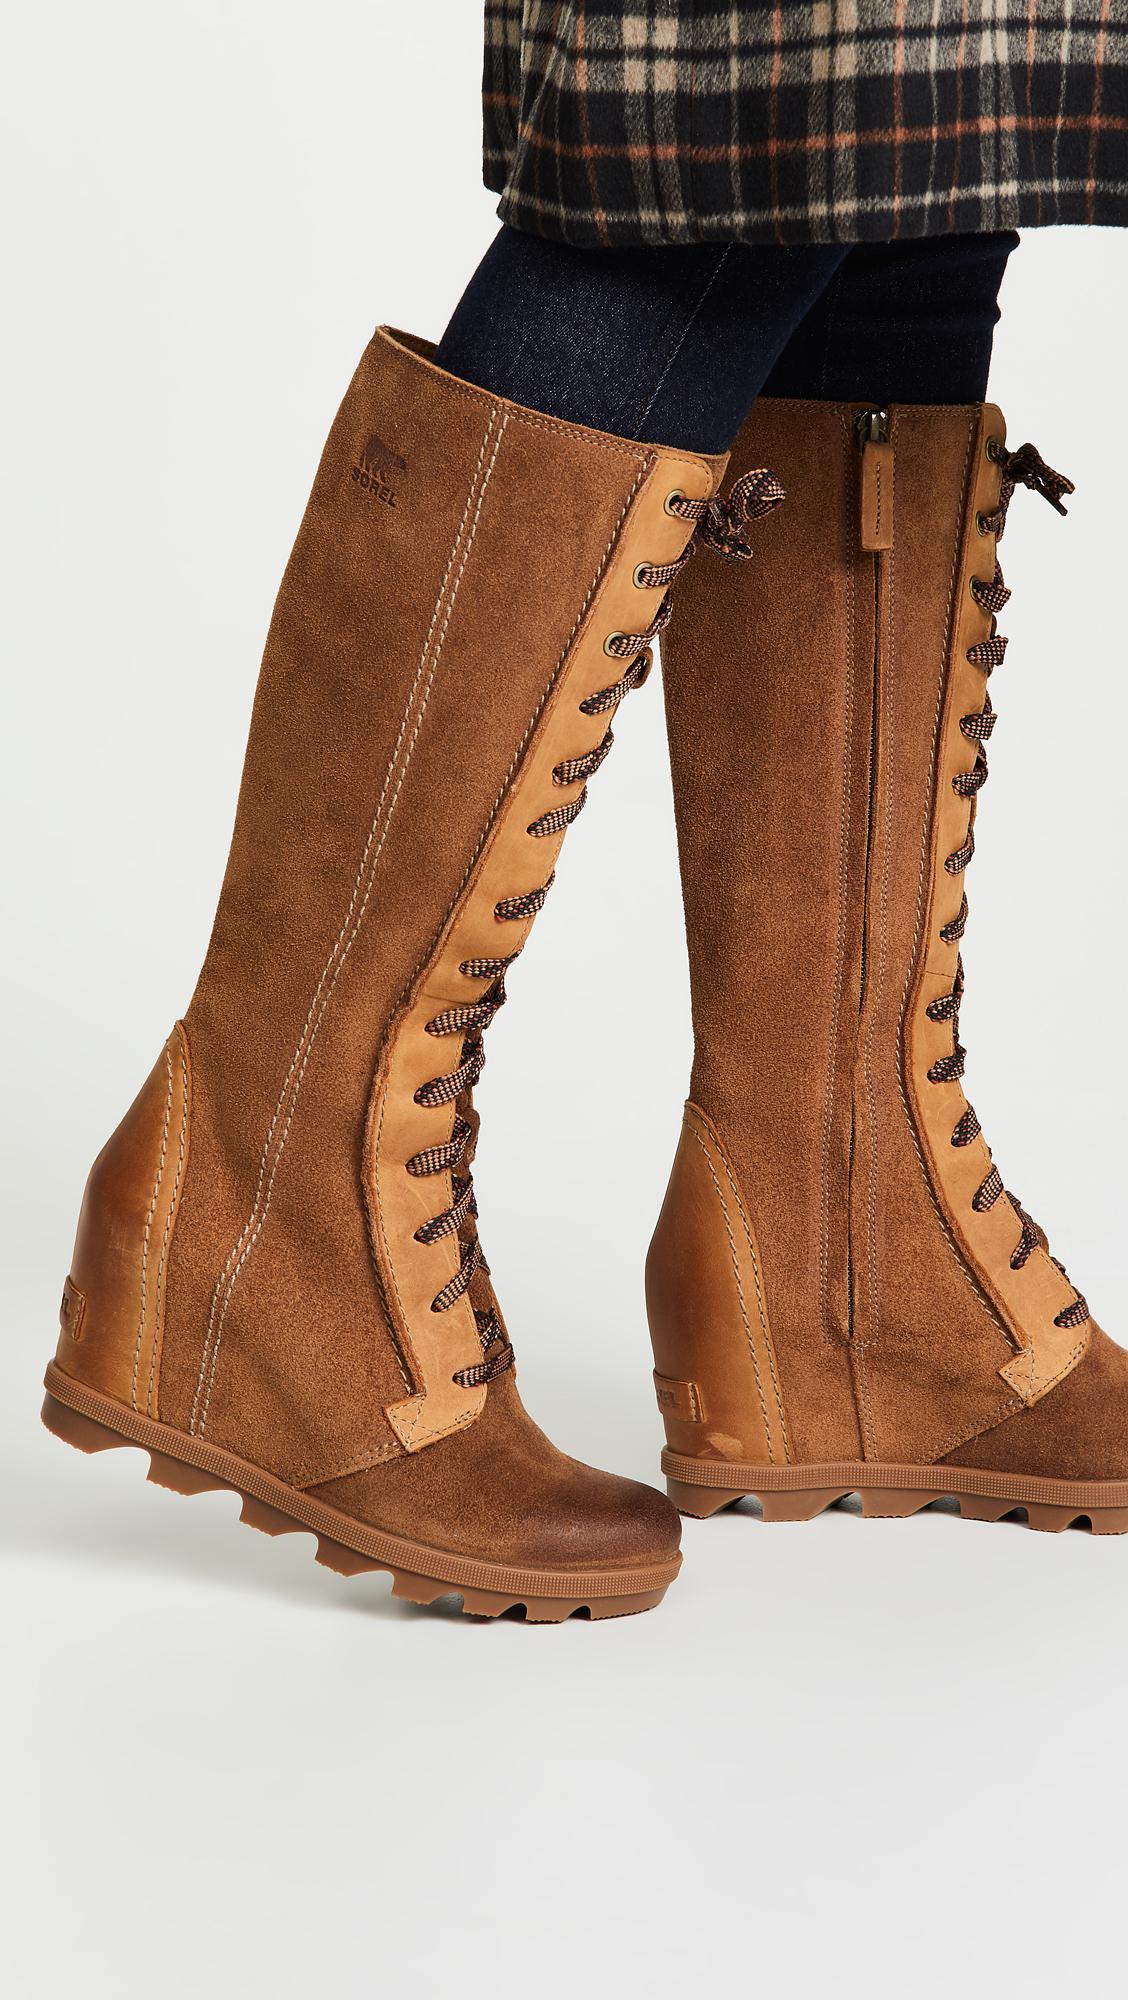 5613170d545 Sorel - Brown Joan Of Arctic Wedge Ii Tall Boot - Lyst. View fullscreen